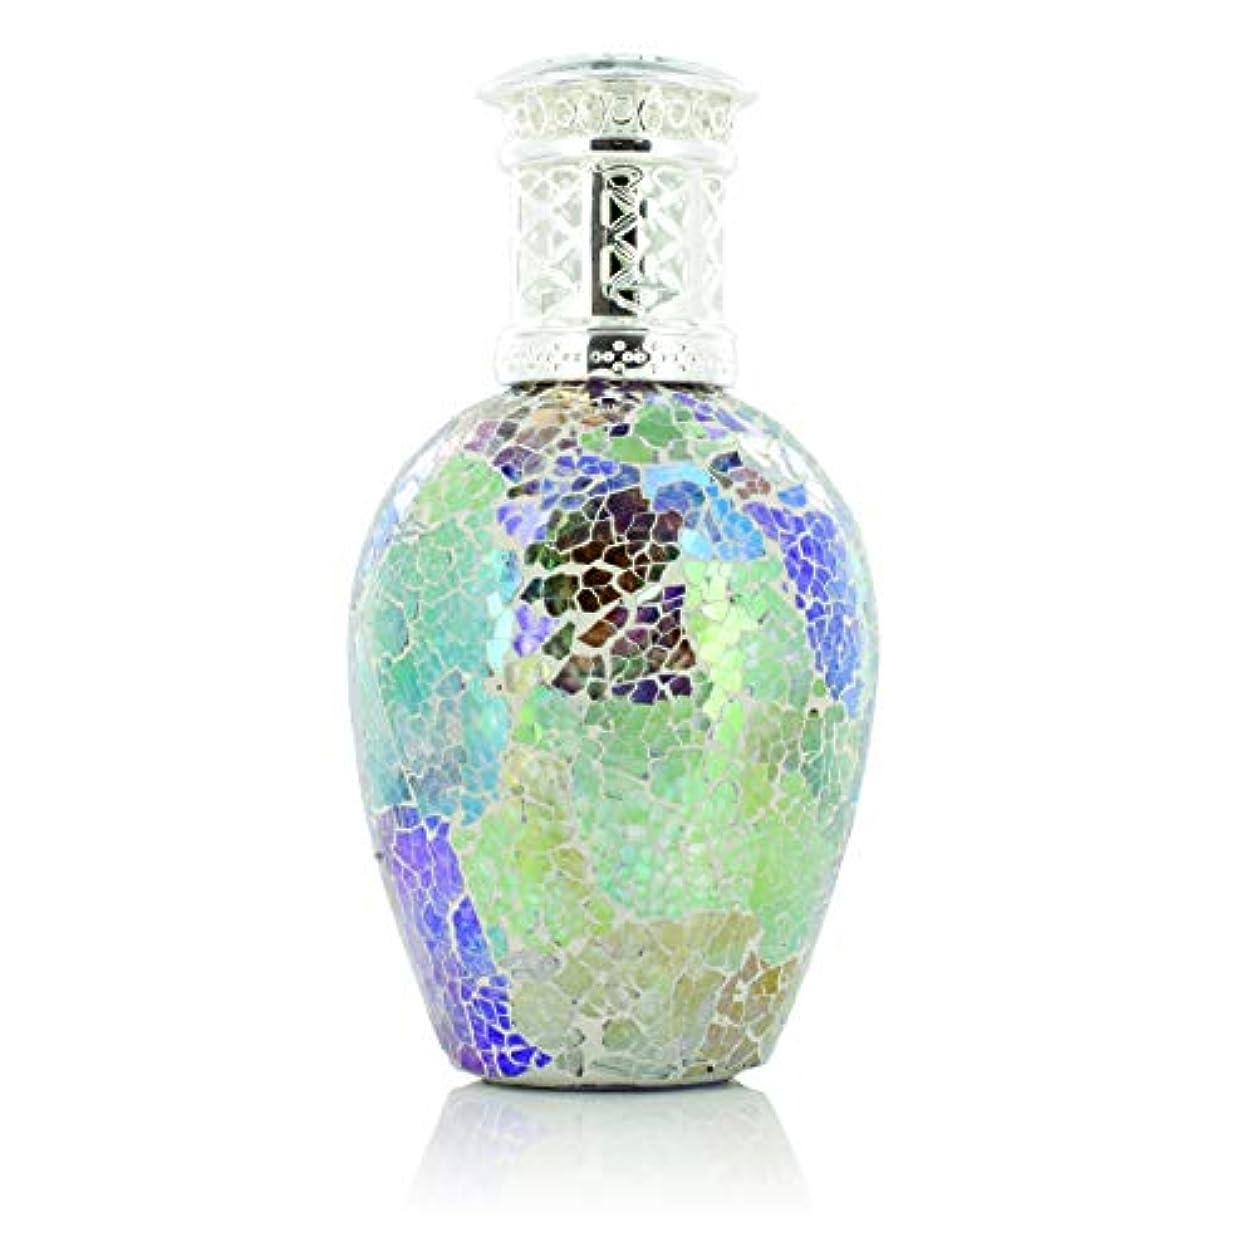 伝記コンプリートホステルAshleigh&Burwood アシュレイ&バーウッド Fragrance Lamps size L フェアリーダスト